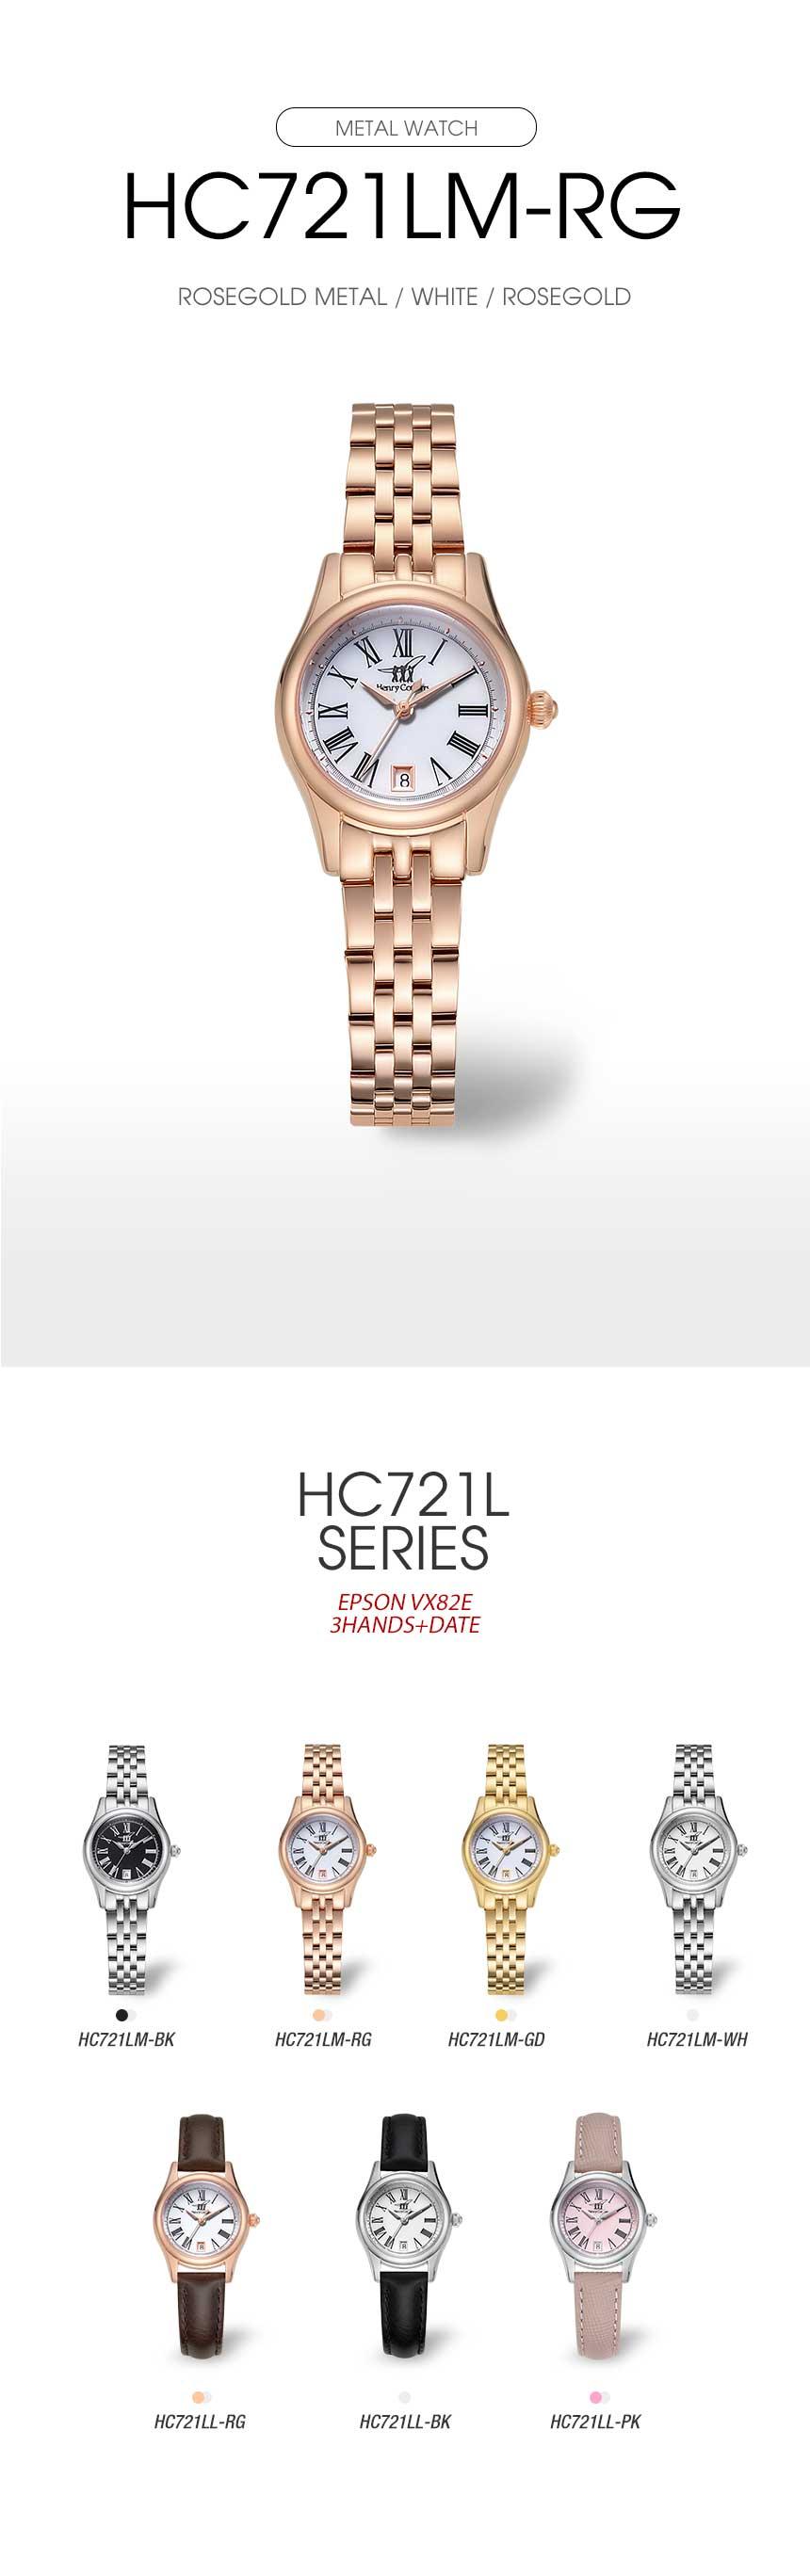 헨리코튼(HENRY COTTON'S) 여자 메탈시계 HC721LM-RG